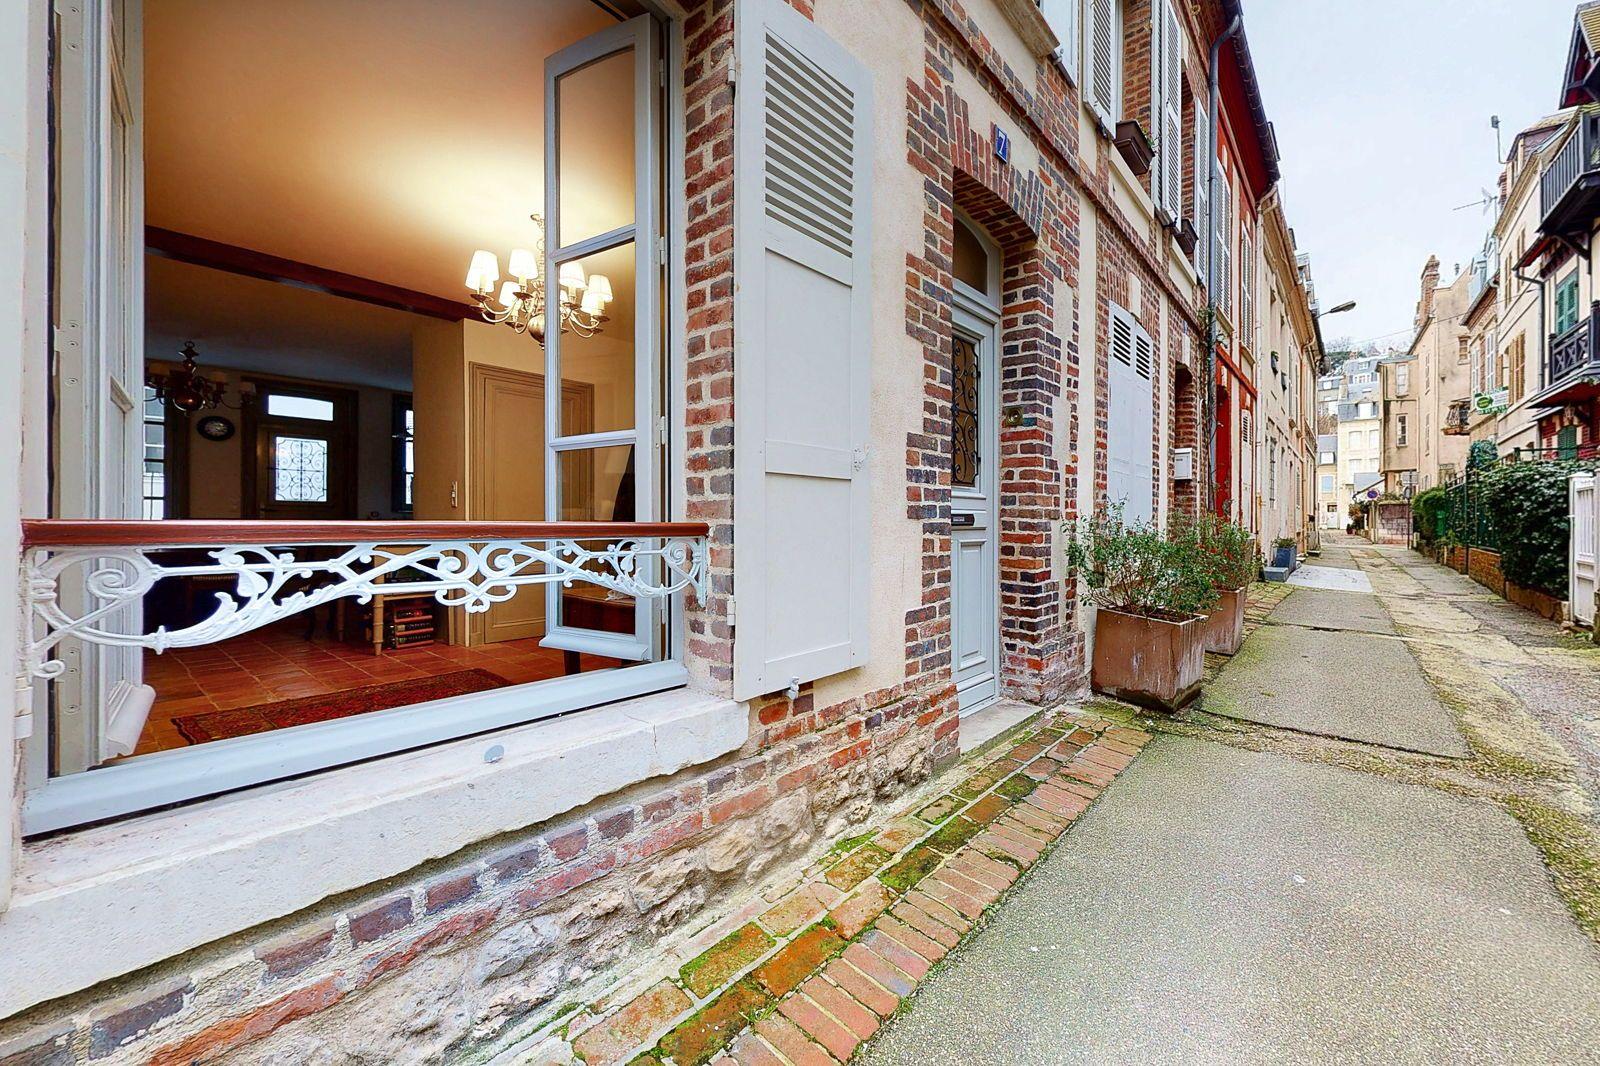 Vends charmante maison de ville 5chambres 150m² à Trouville sur Mer (14)